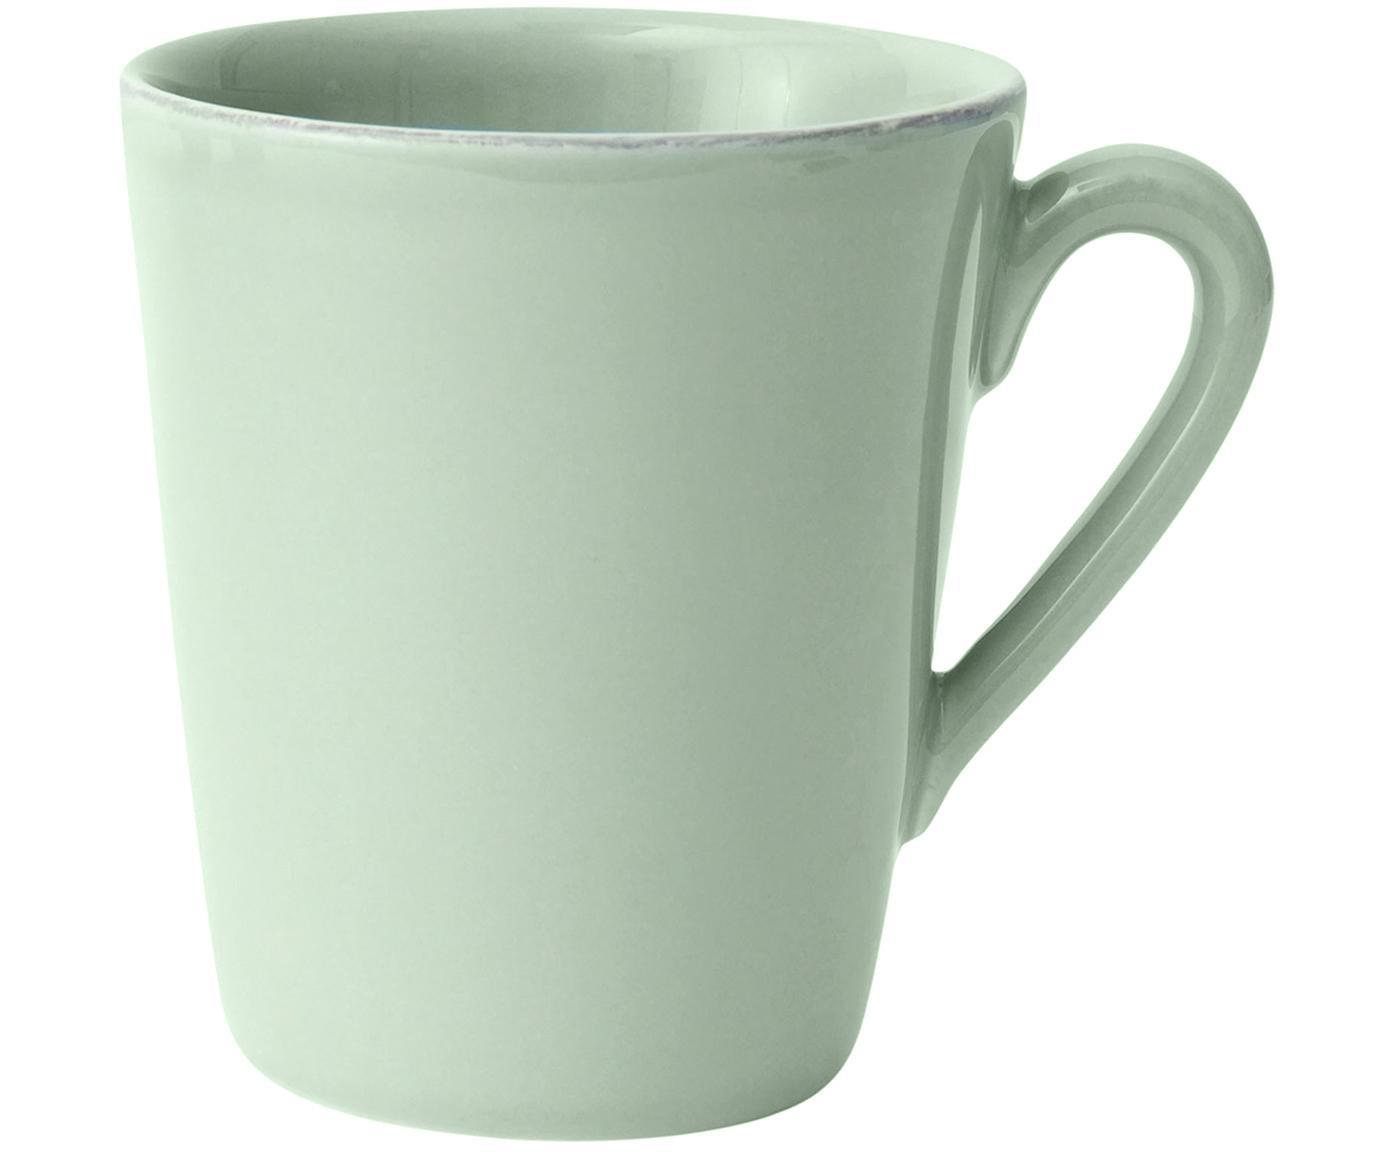 Tazas Constance, 2uds., Gres, Verde menta, Ø 12 x Al 10 cm